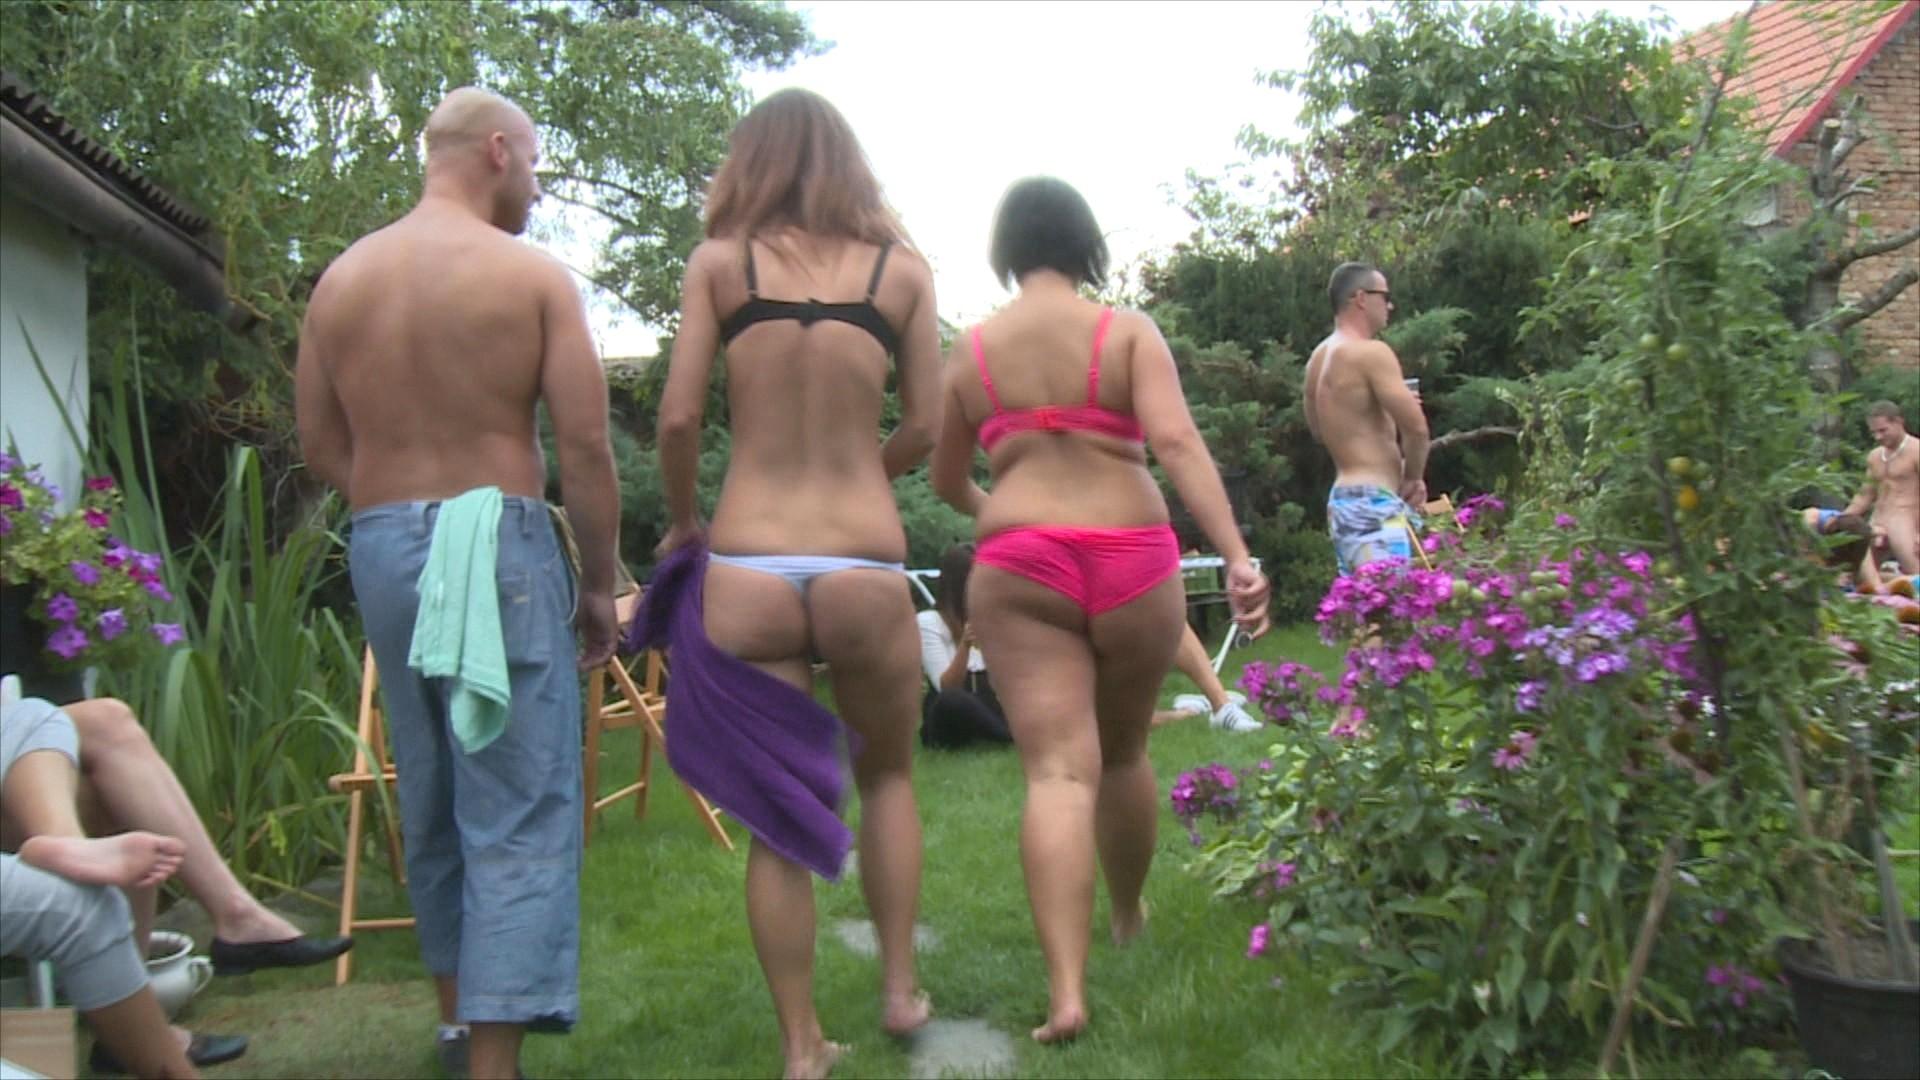 Czech Garden Party Czechgardenparty Model Fl Group Sex -3699